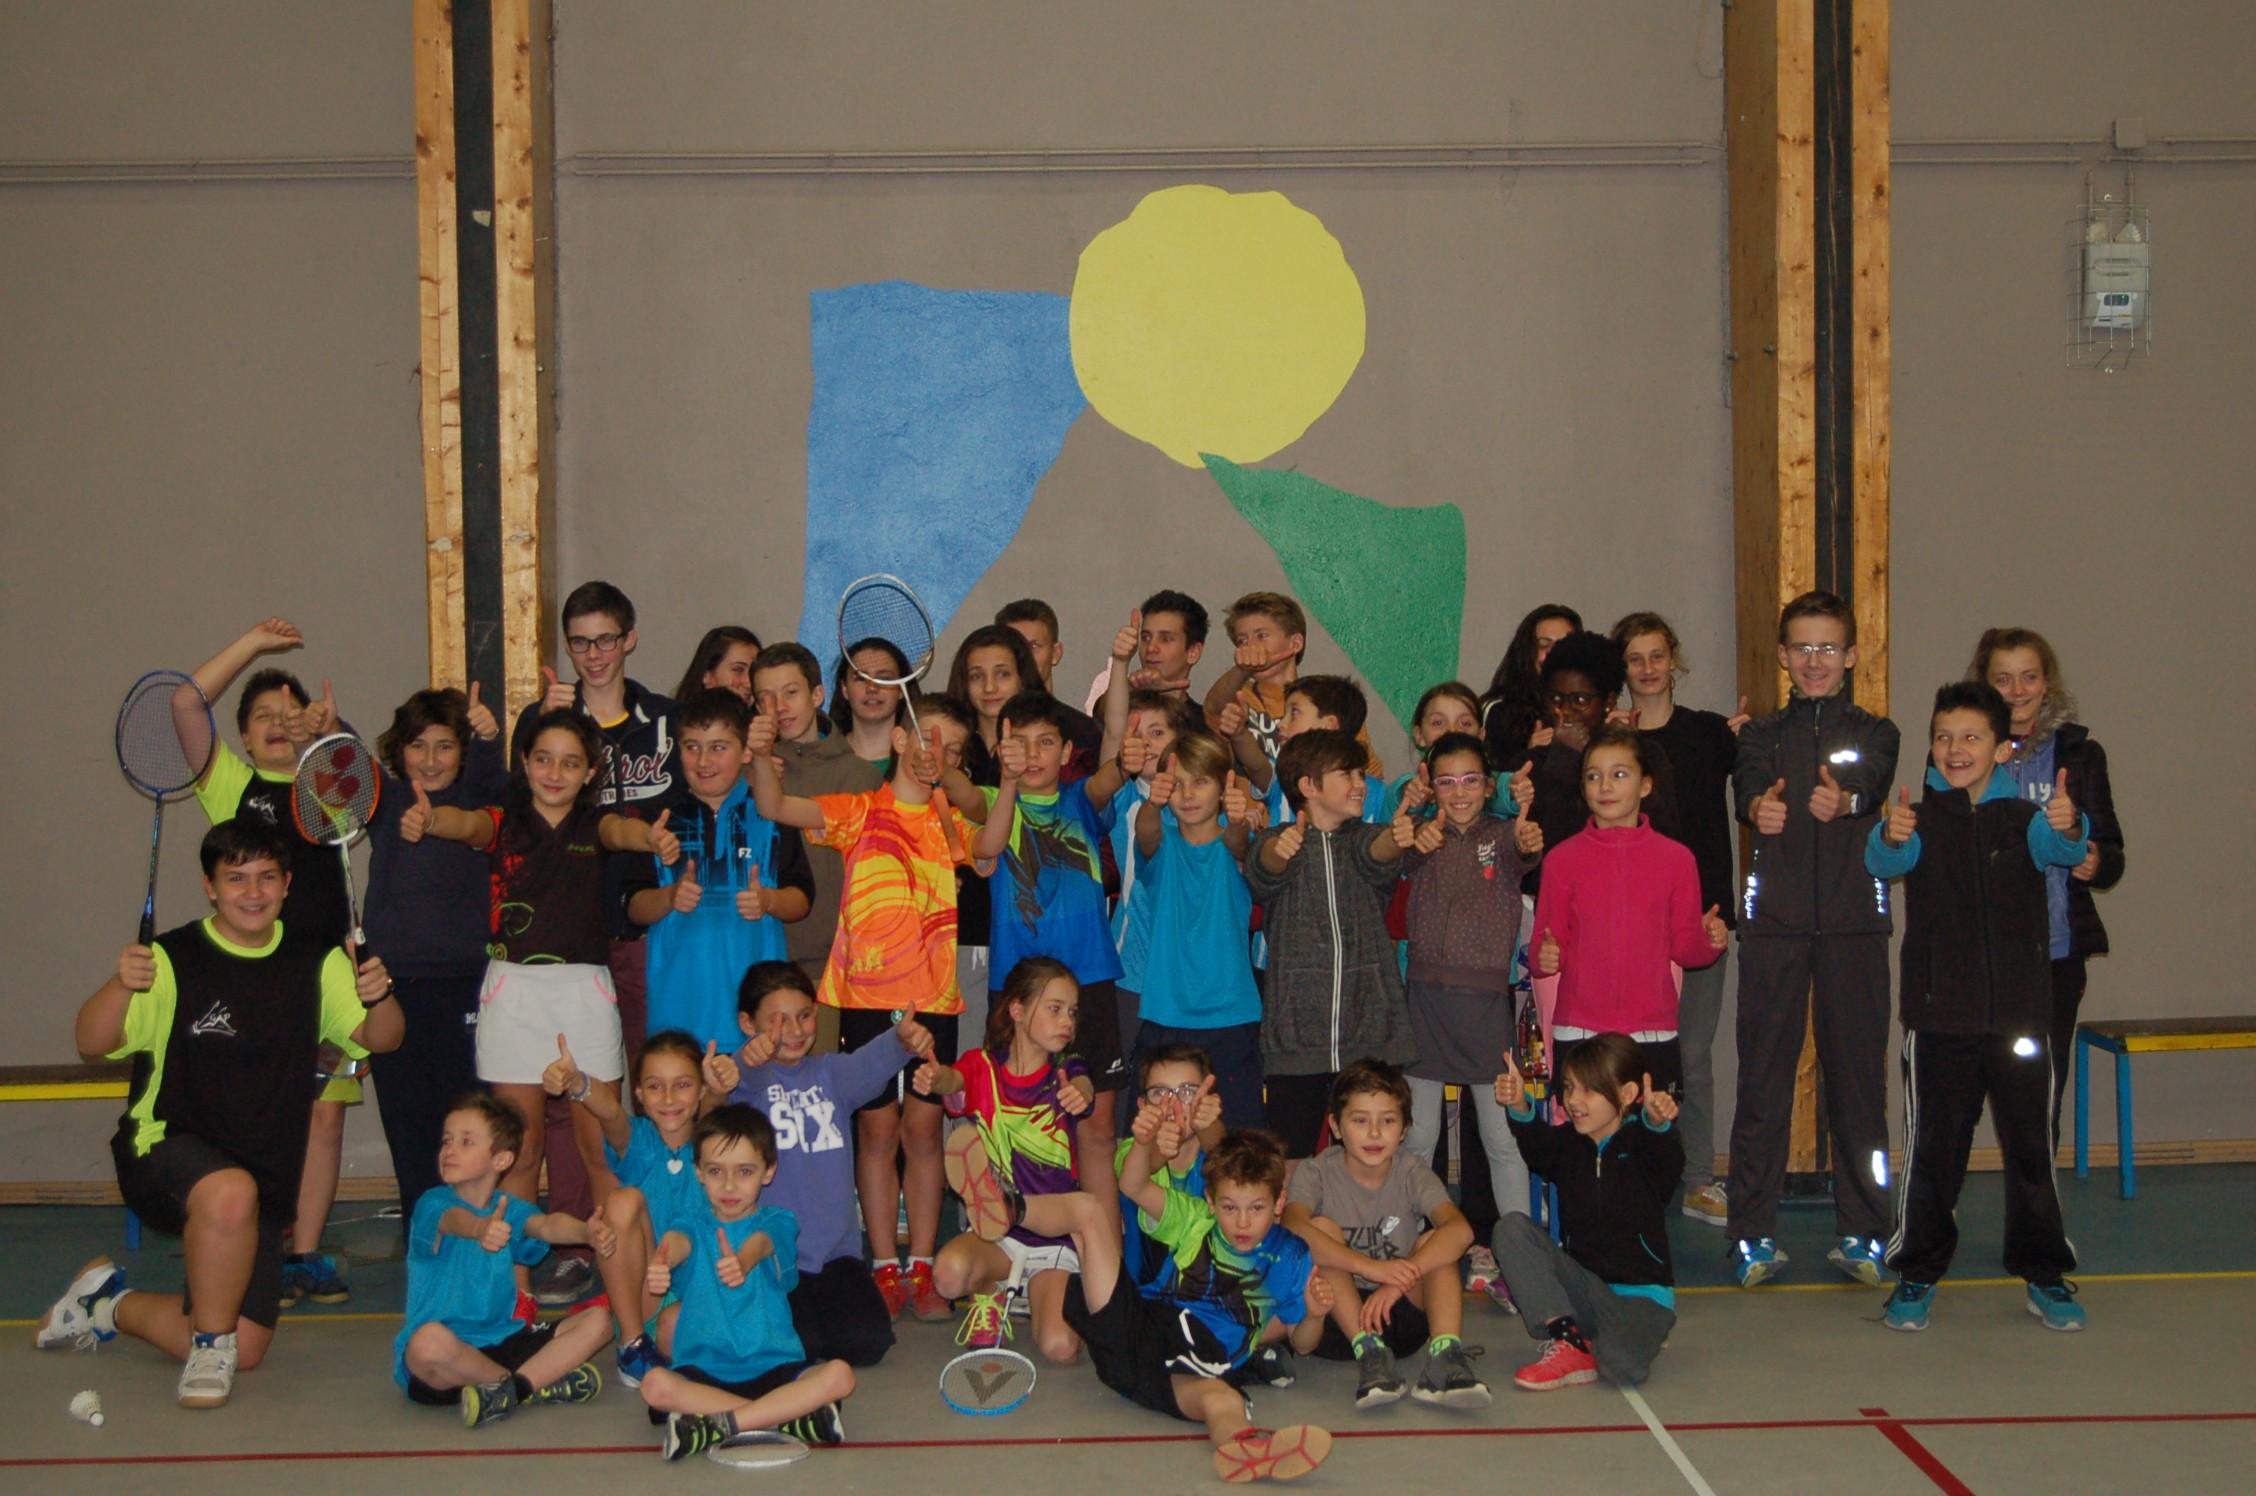 Trophée Départemental Jeunes 2 à Briançon – Décembre 2015